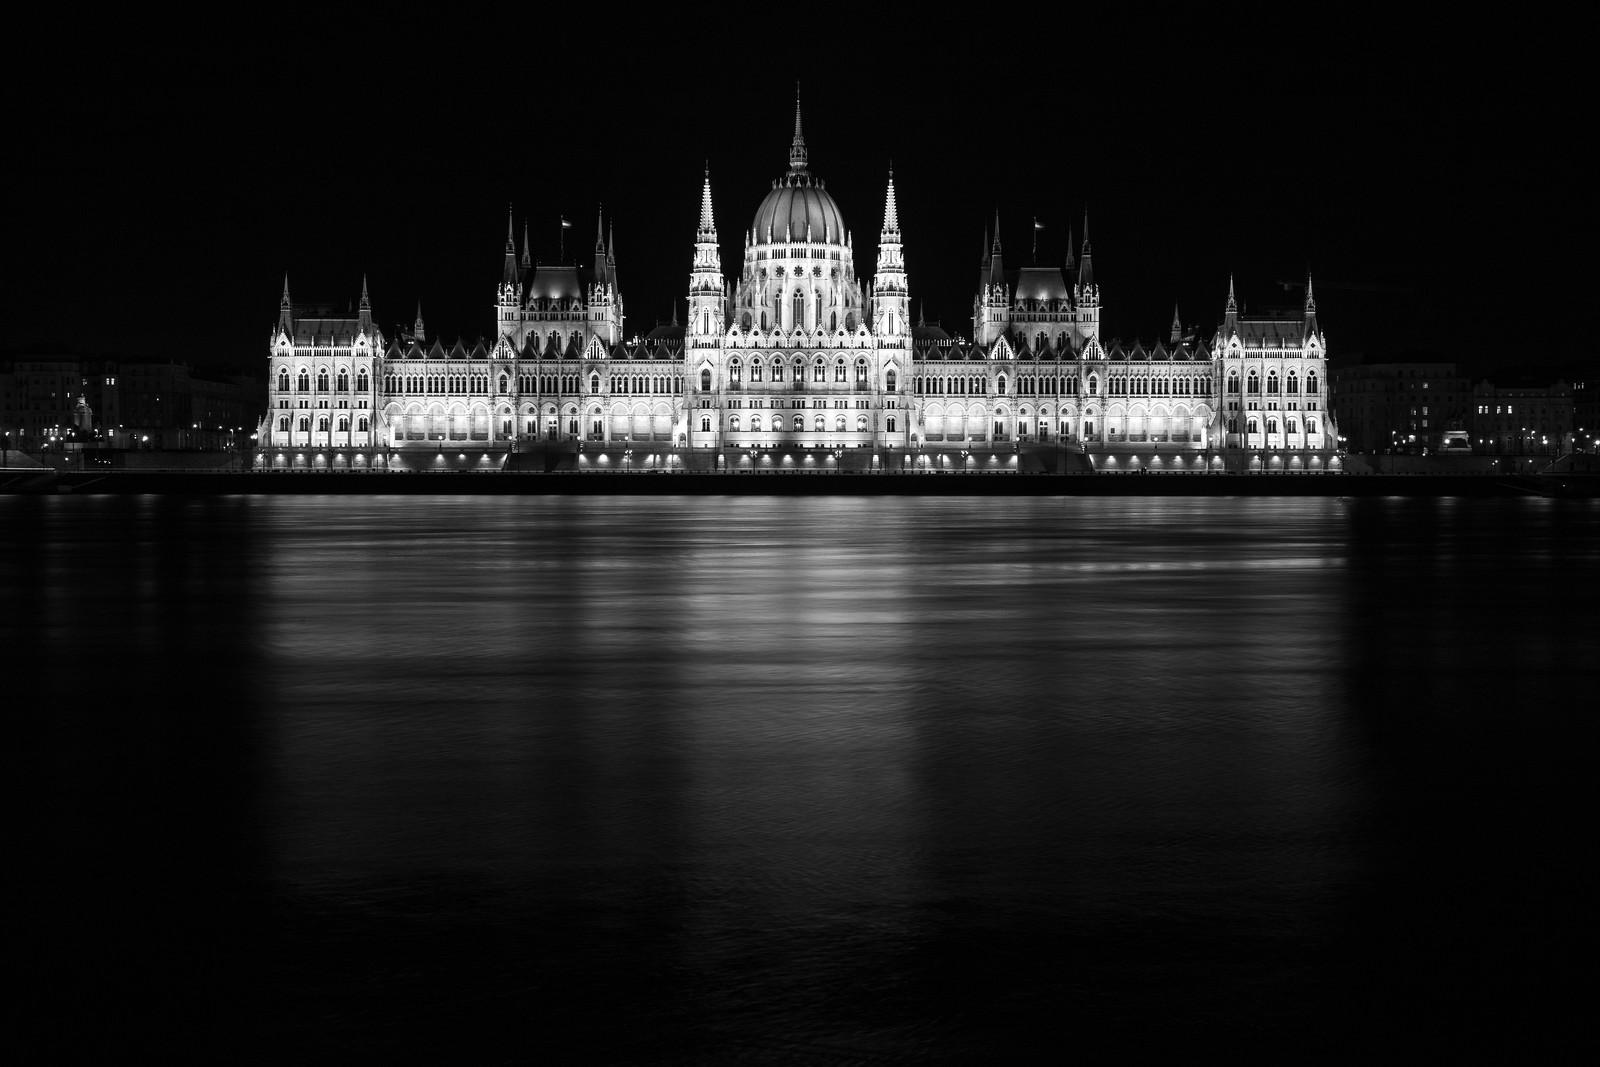 parlament éjszakai fotózsá tanfolyam